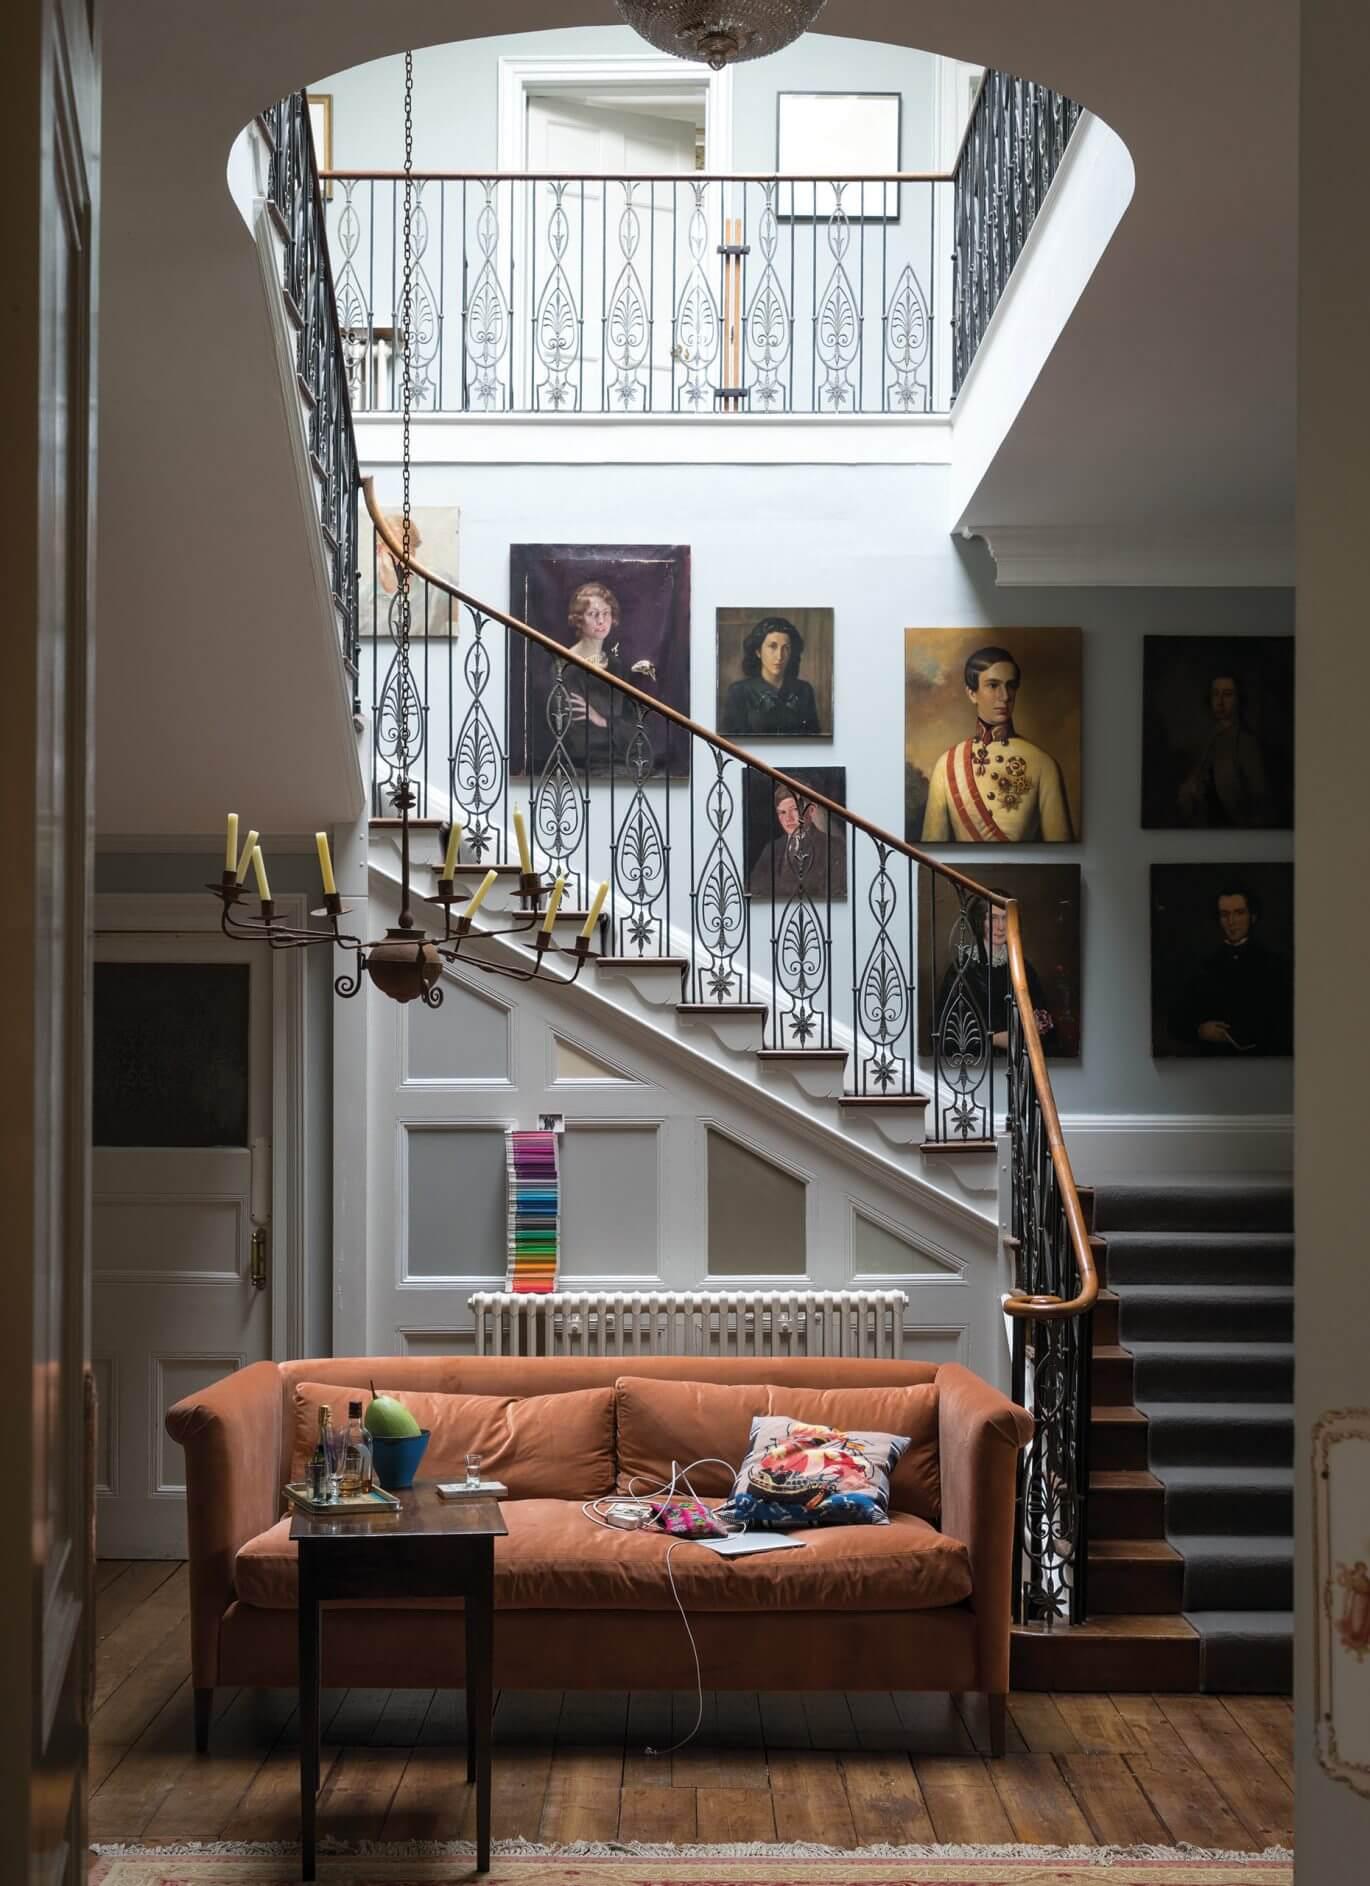 Treppenhaus Wandgestaltung mit Blackened in Kombination mit dem wärmeren Wimborne White und einer einfallsreichen Gestaltung der Paneele hinter dem Sofa.